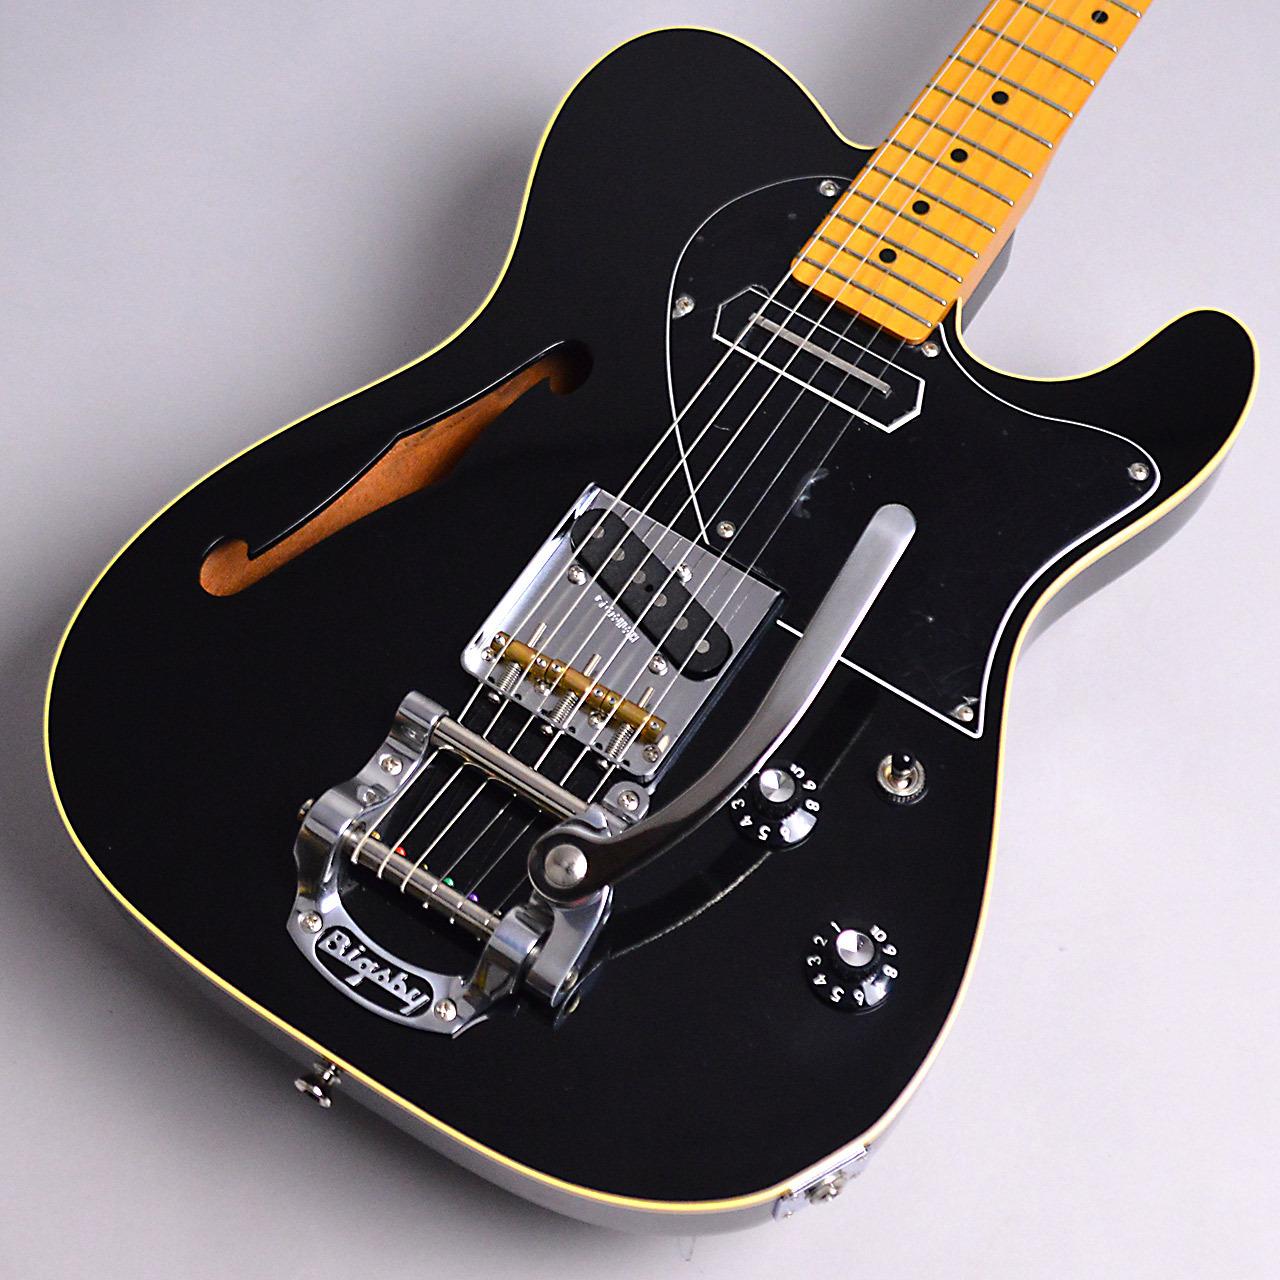 K.Nyui Custom Guitars KNTE-BLK / Semi Hollow